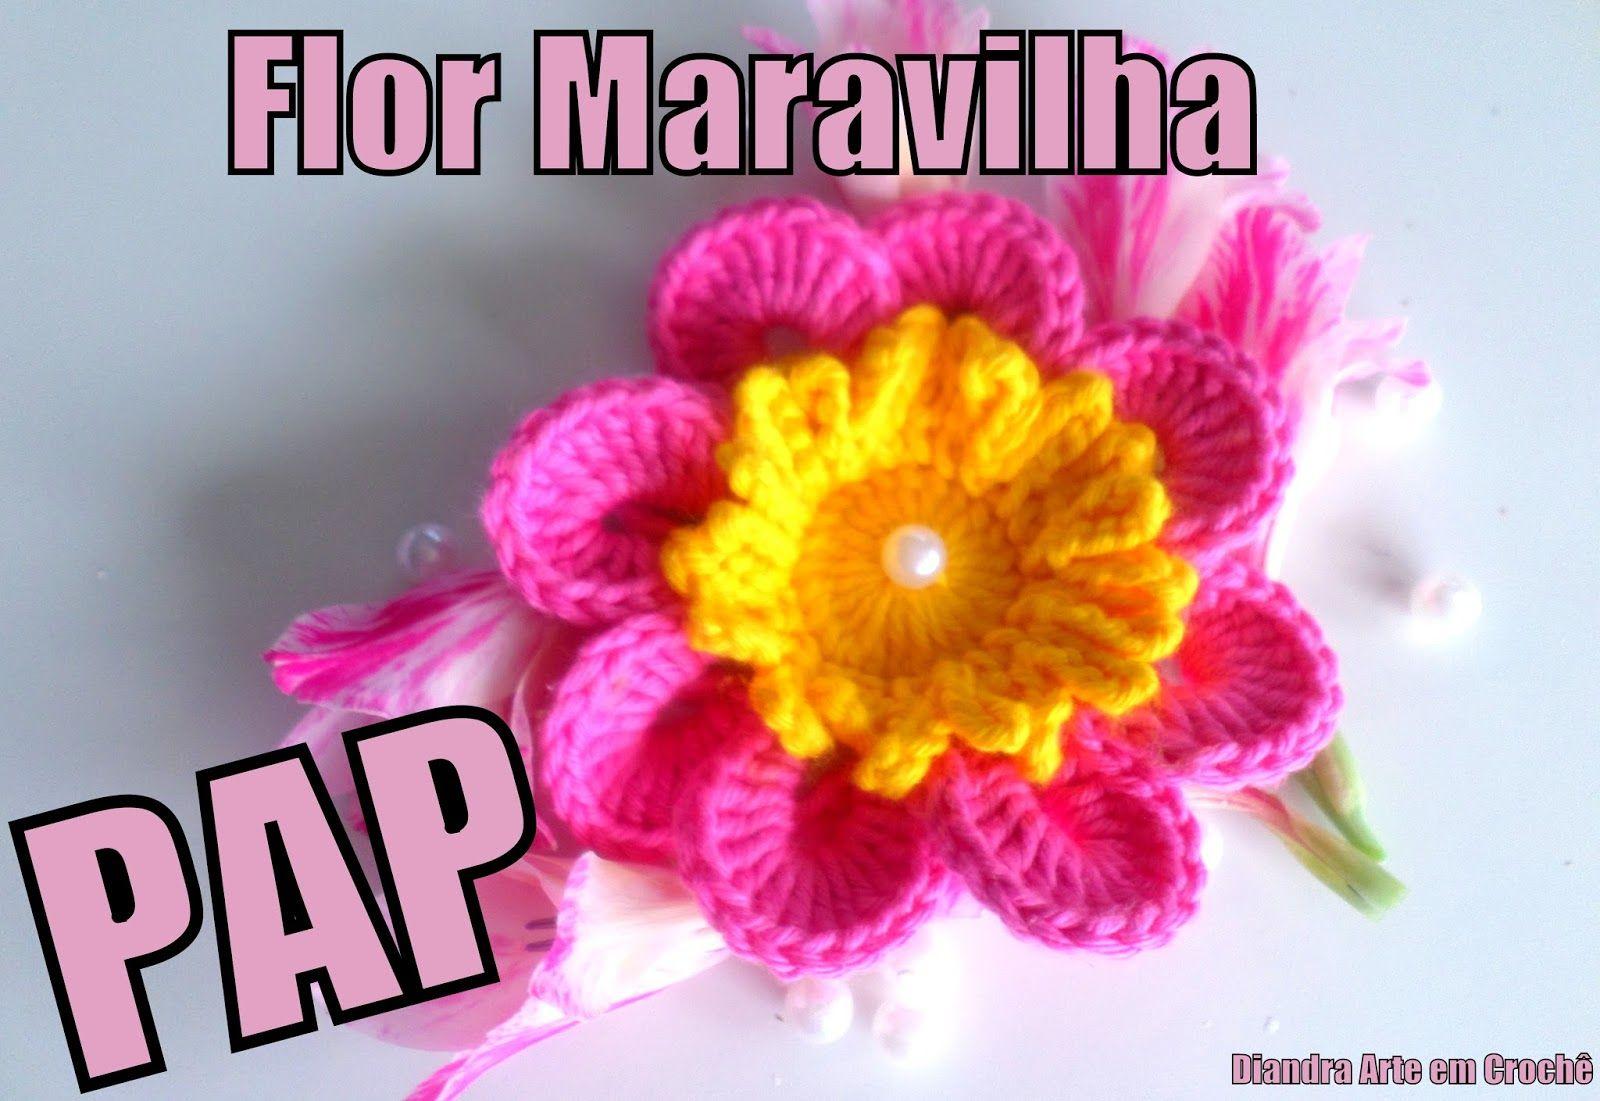 Diandra Arte em Pintura e Crochê: PAP FLOR MARAVILHA